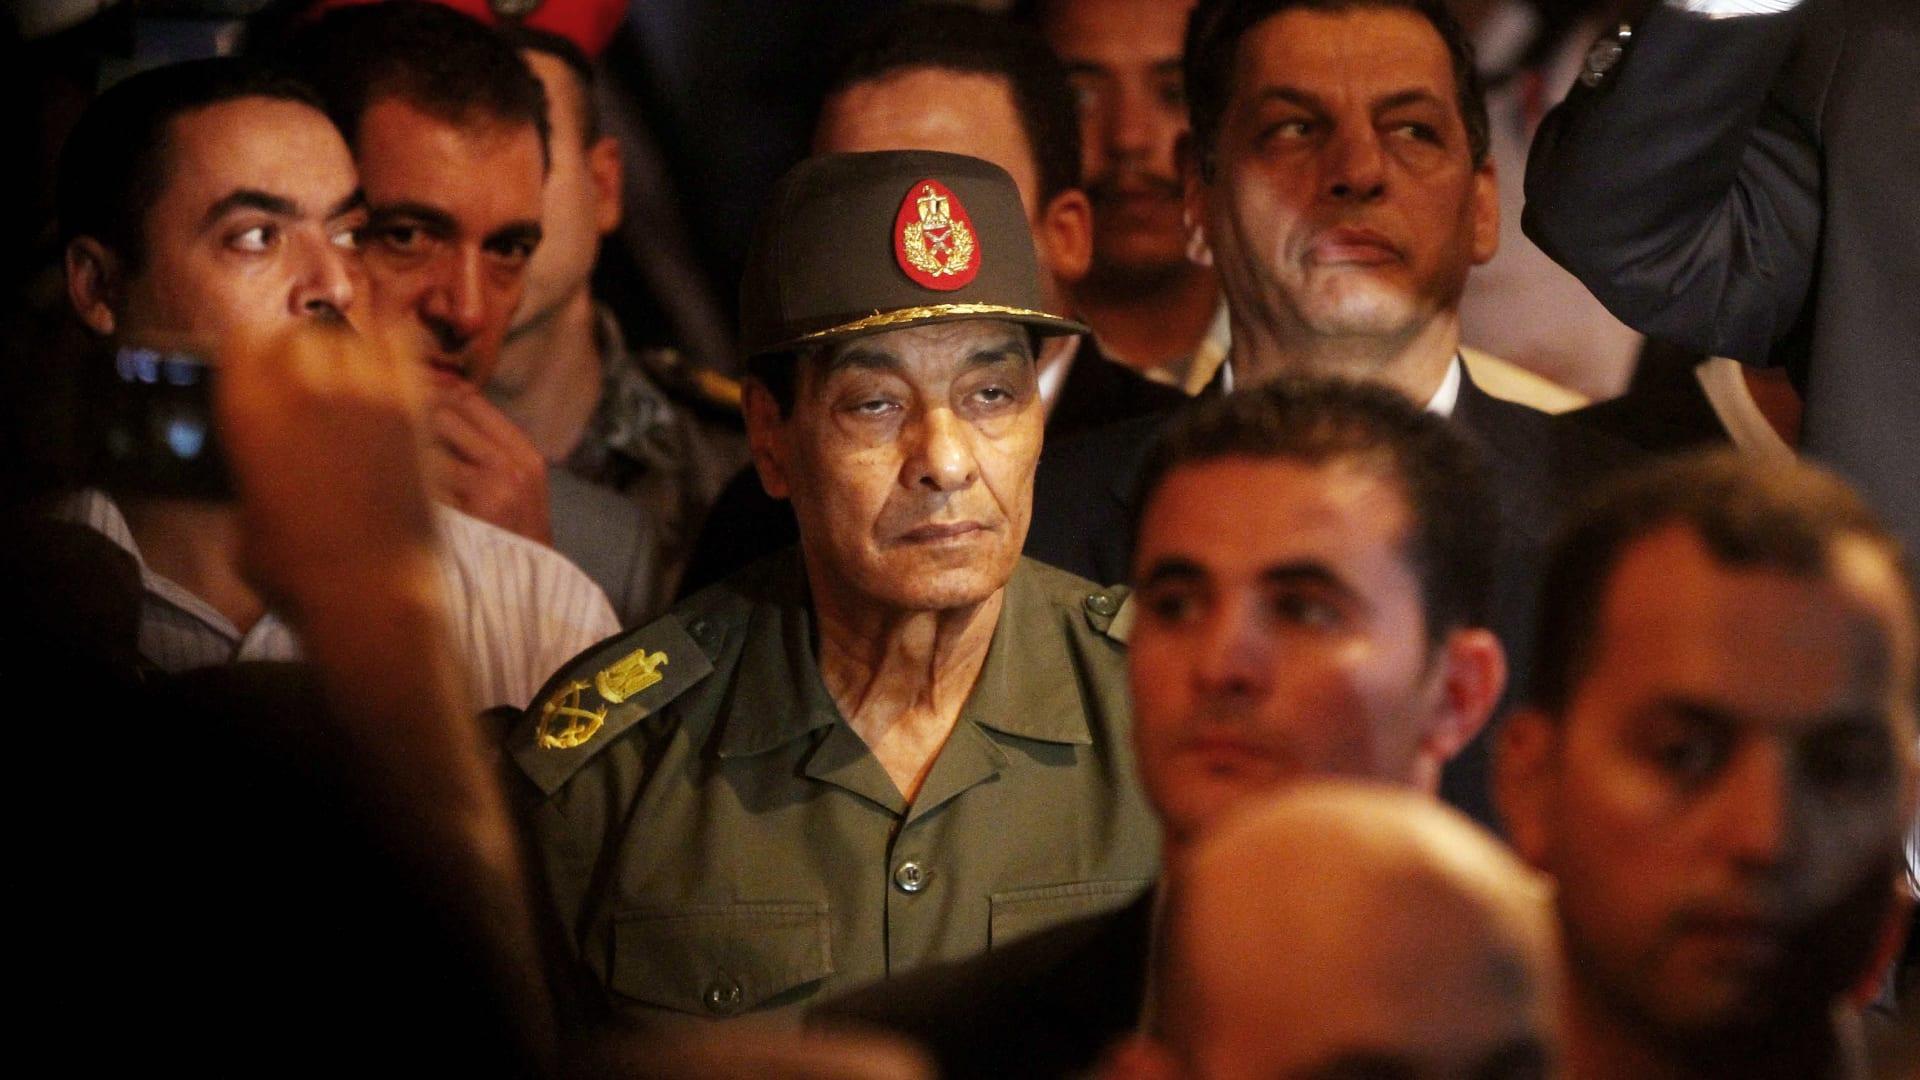 محمد بن زايد: المشير طنطاوي حافظ على استقرار مصر في أصعب الظروف